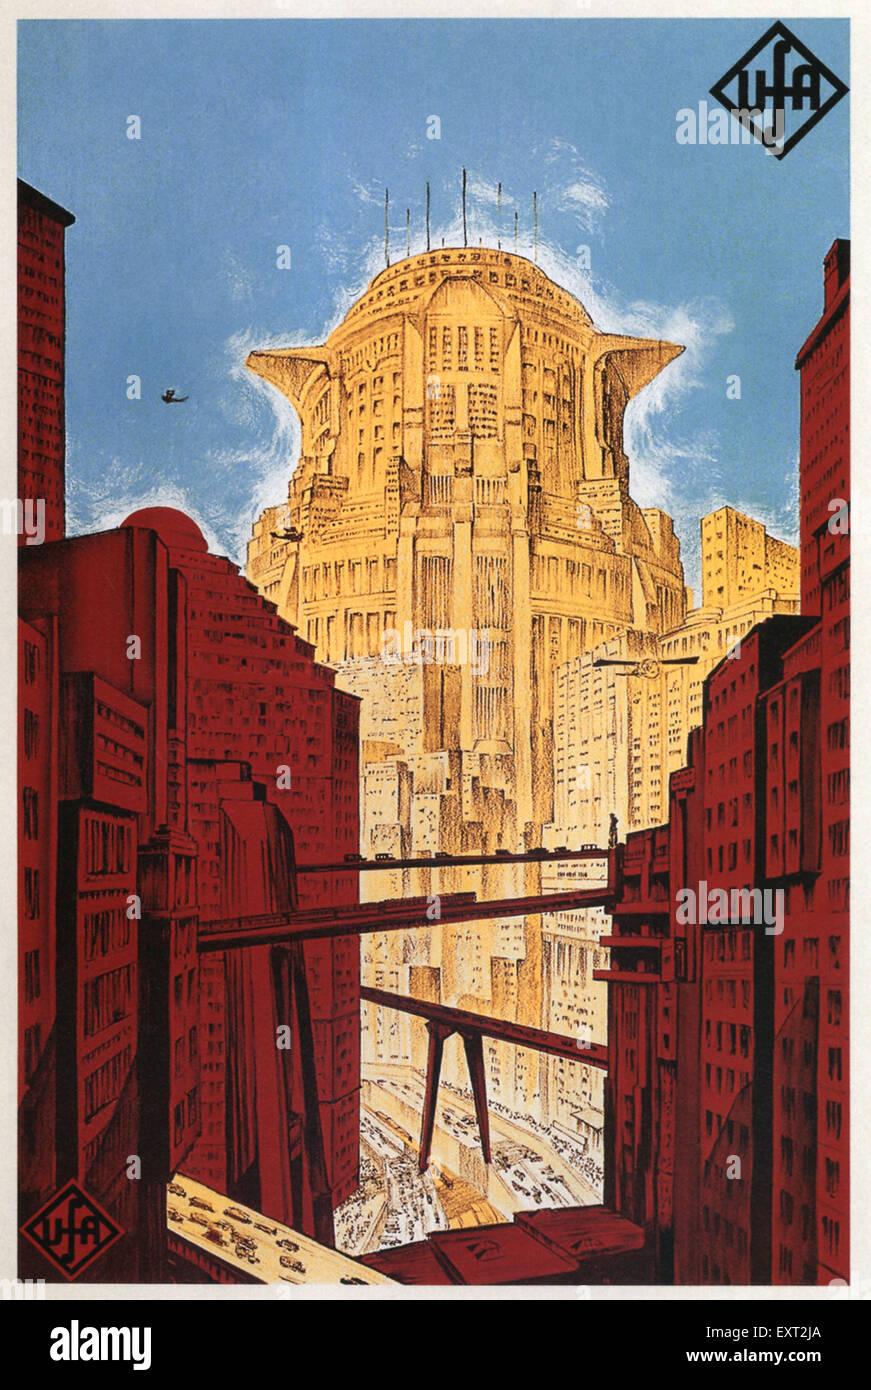 1920 Alemania Metrópolis Film Poster Imagen De Stock